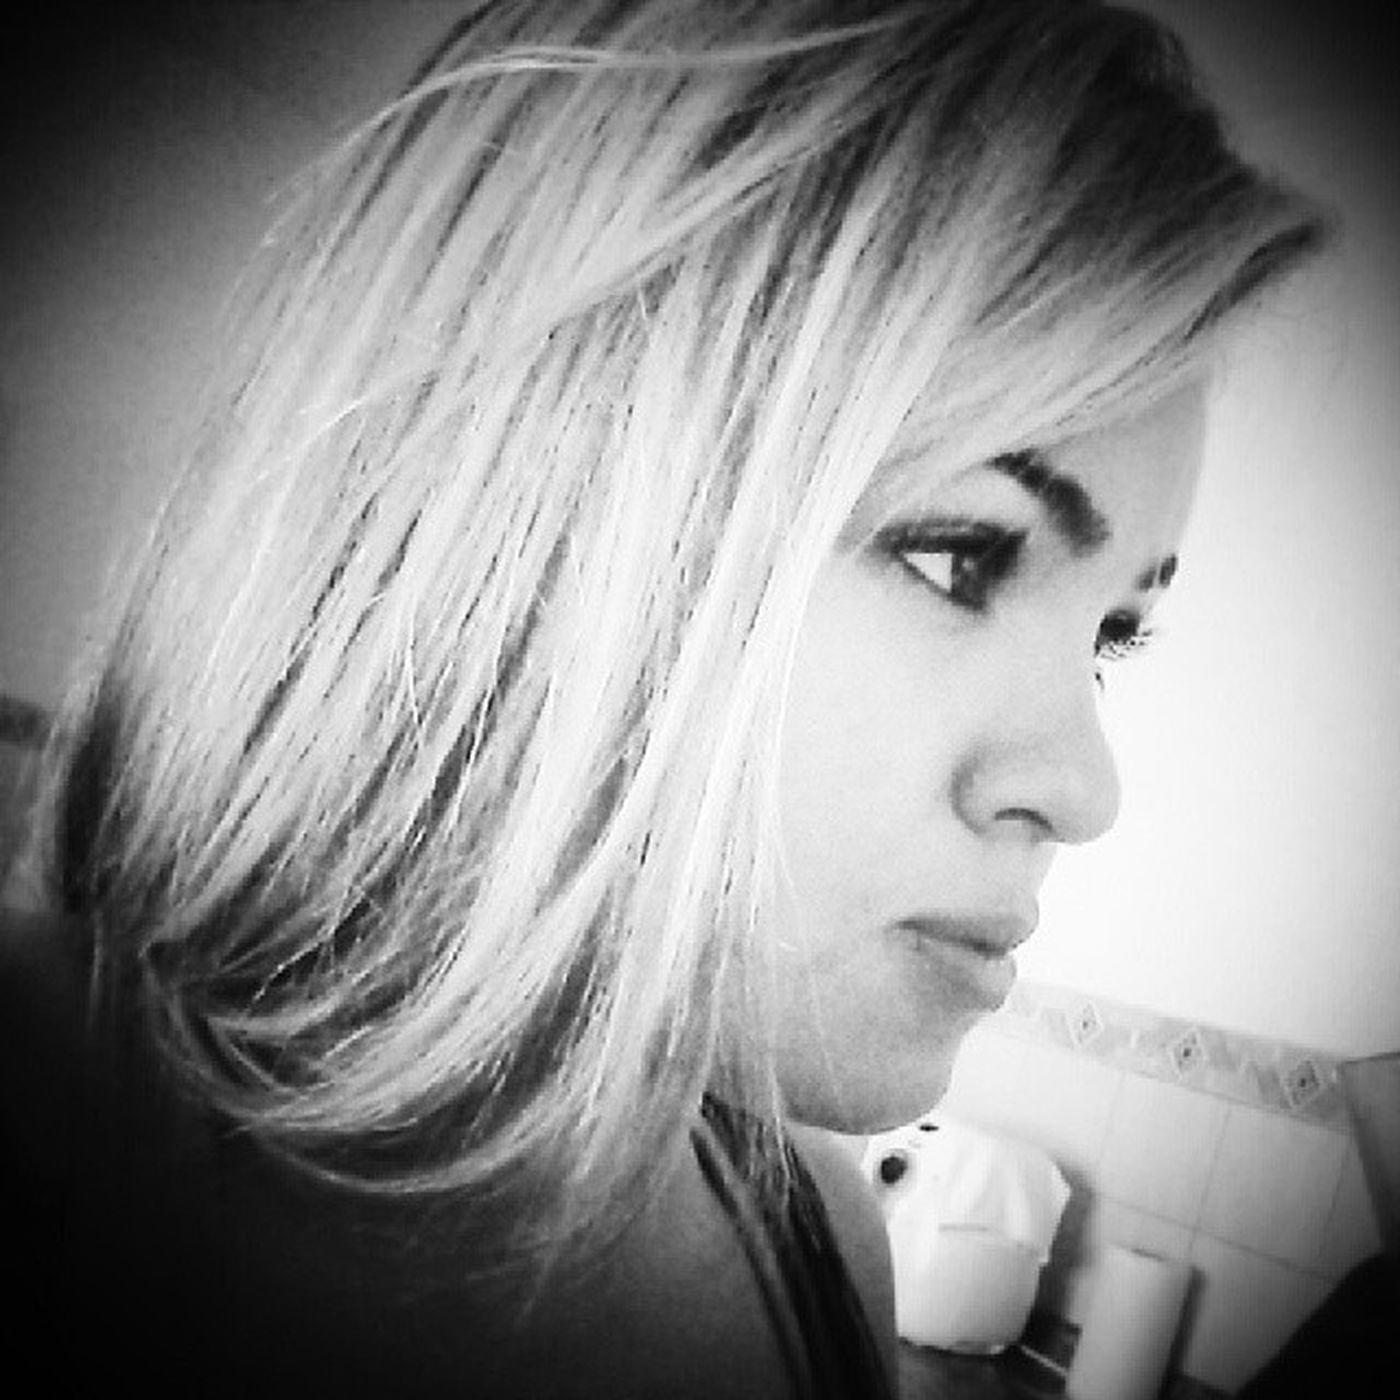 Quando eu me pergunto quem sou eu, sou o que pergunta ou o que não sabe a resposta? Soufeliz Amoavida Tenhováriaspaixões comoqualquerum Possuoimperfeições Se os caminhos desta vida Ainda não sei de cor, Pelo menos busco, A cada manhã, Tornar-me alguém melhor. BomDia